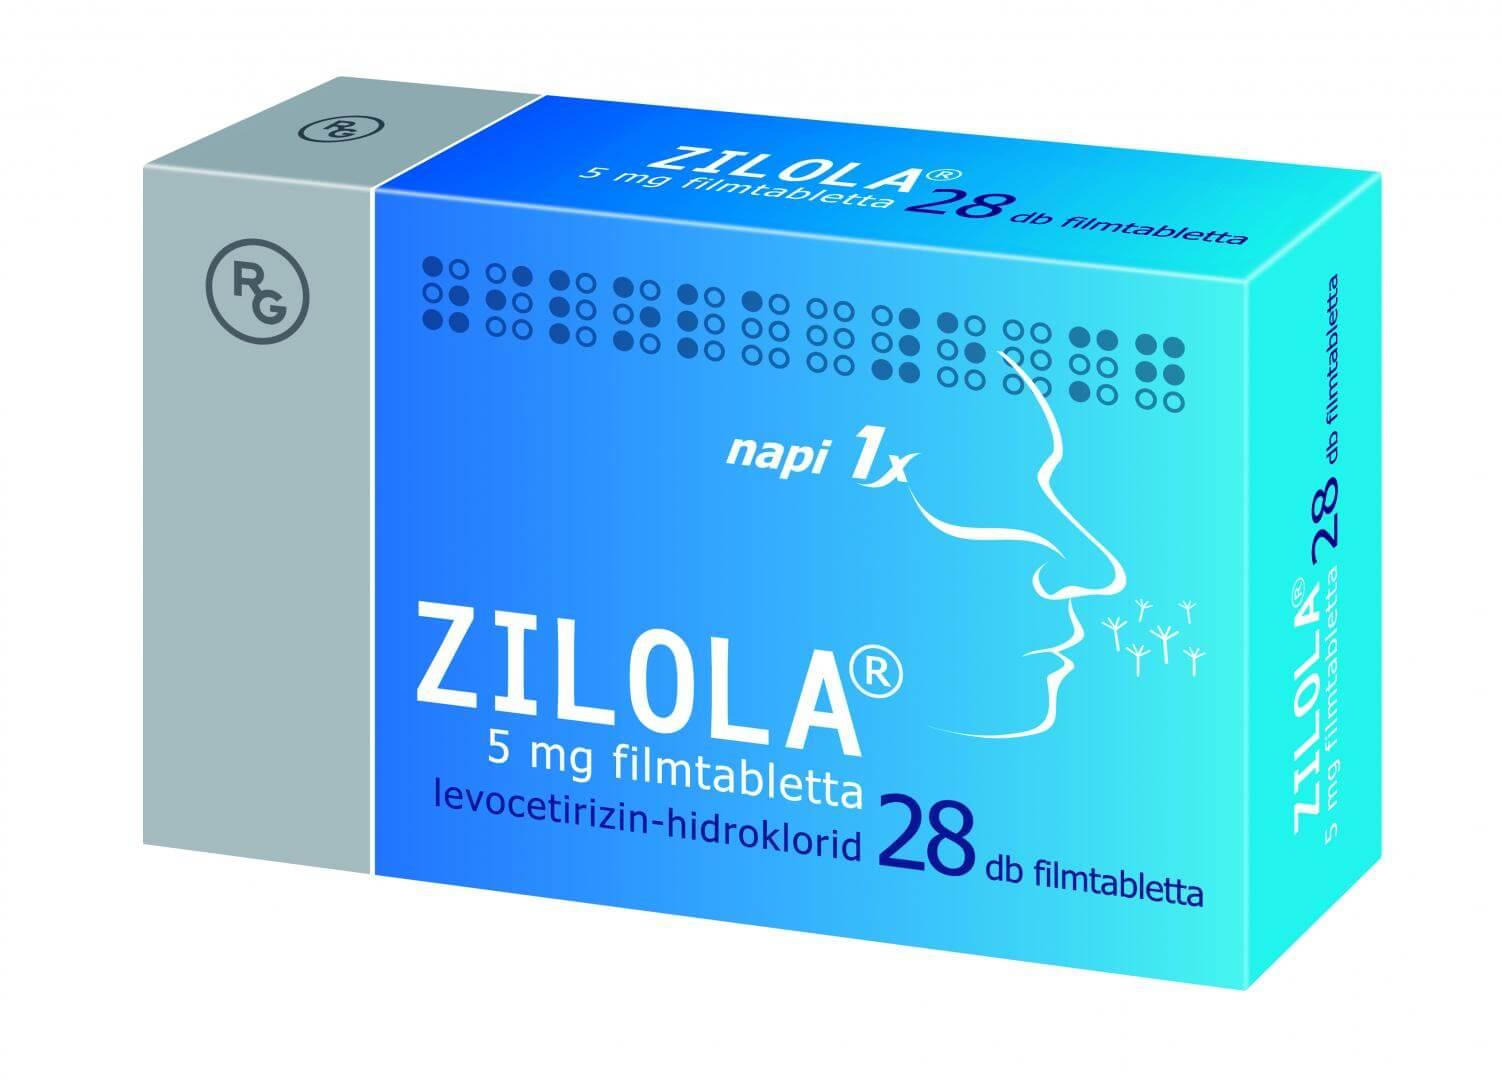 Zilola® 5mg filmtabletta, 28 db